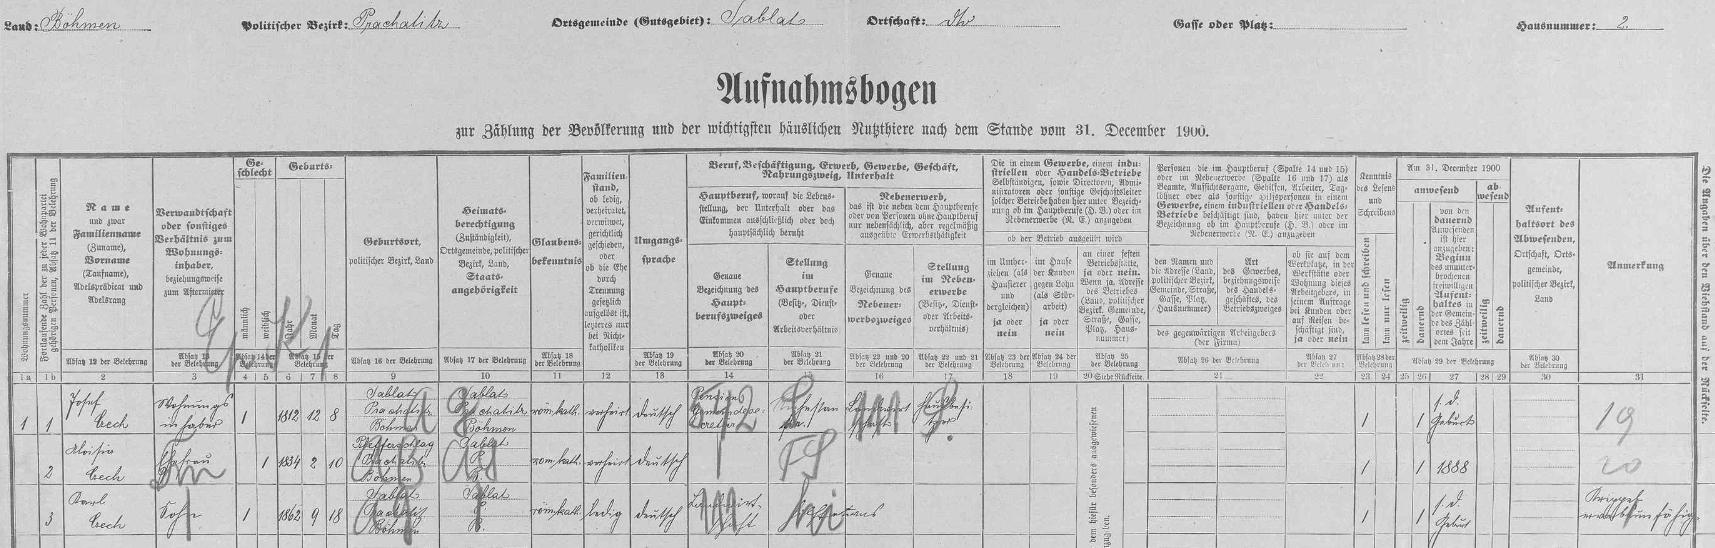 Arch sčítání lidu z roku 1900 pro dům v Záblatí čp. 2 uvádí chybné datum jeho narození